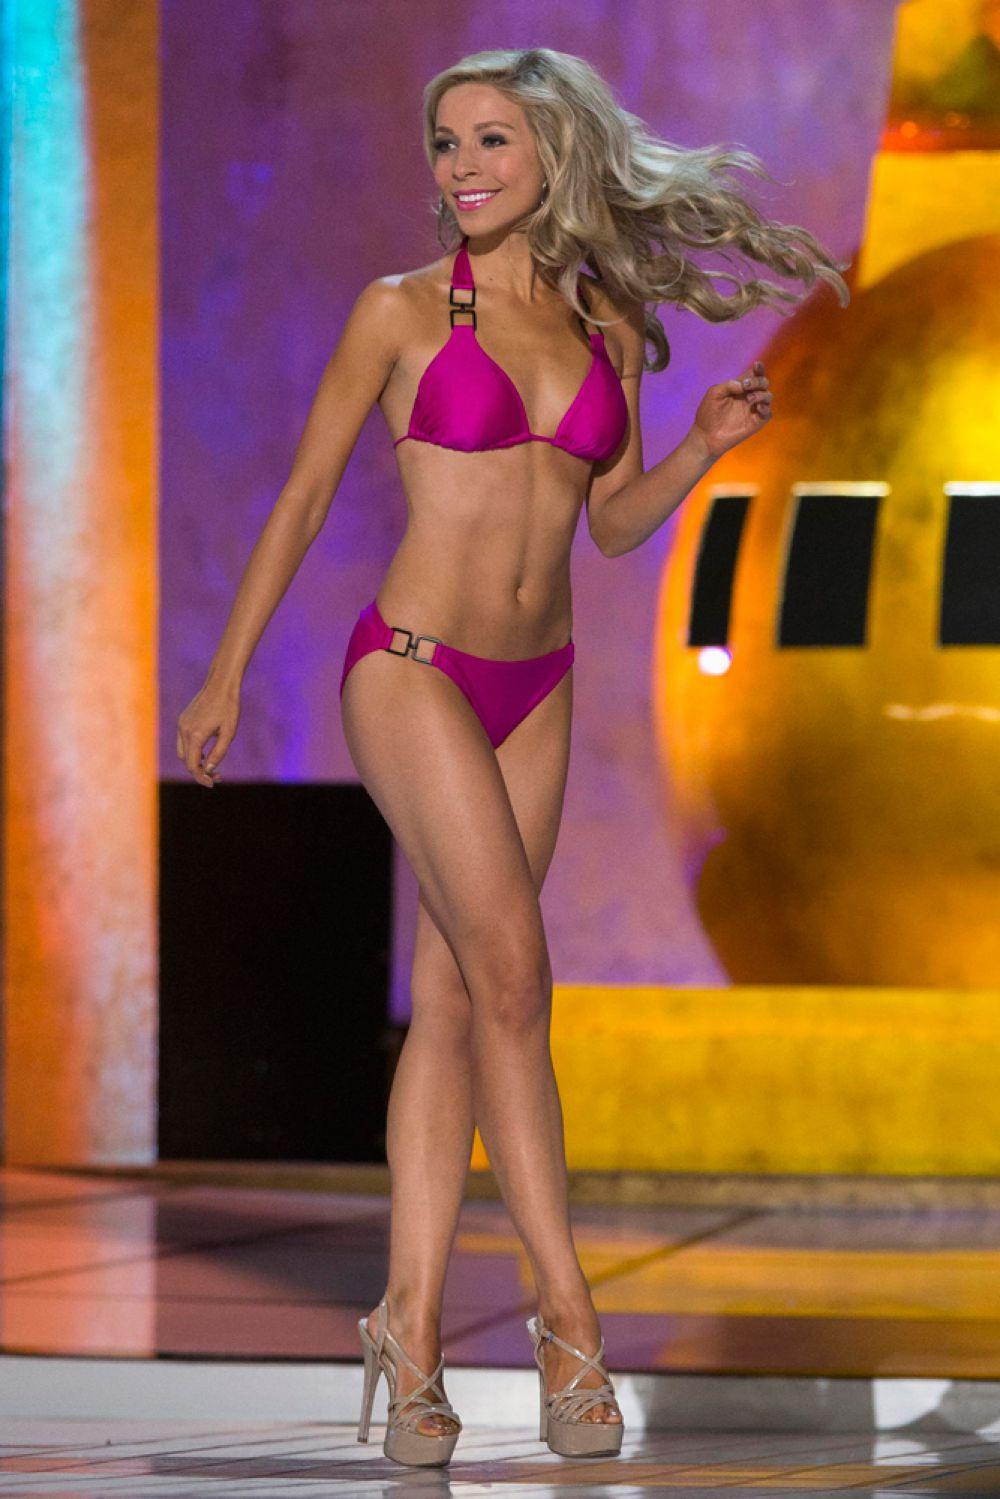 С 11 лет девушка участвовала в различных конкурсах красоты, в 2013 году завоевала титулы «Мисс Нью-Йорк» и «Мисс штата Нью-Йорк».